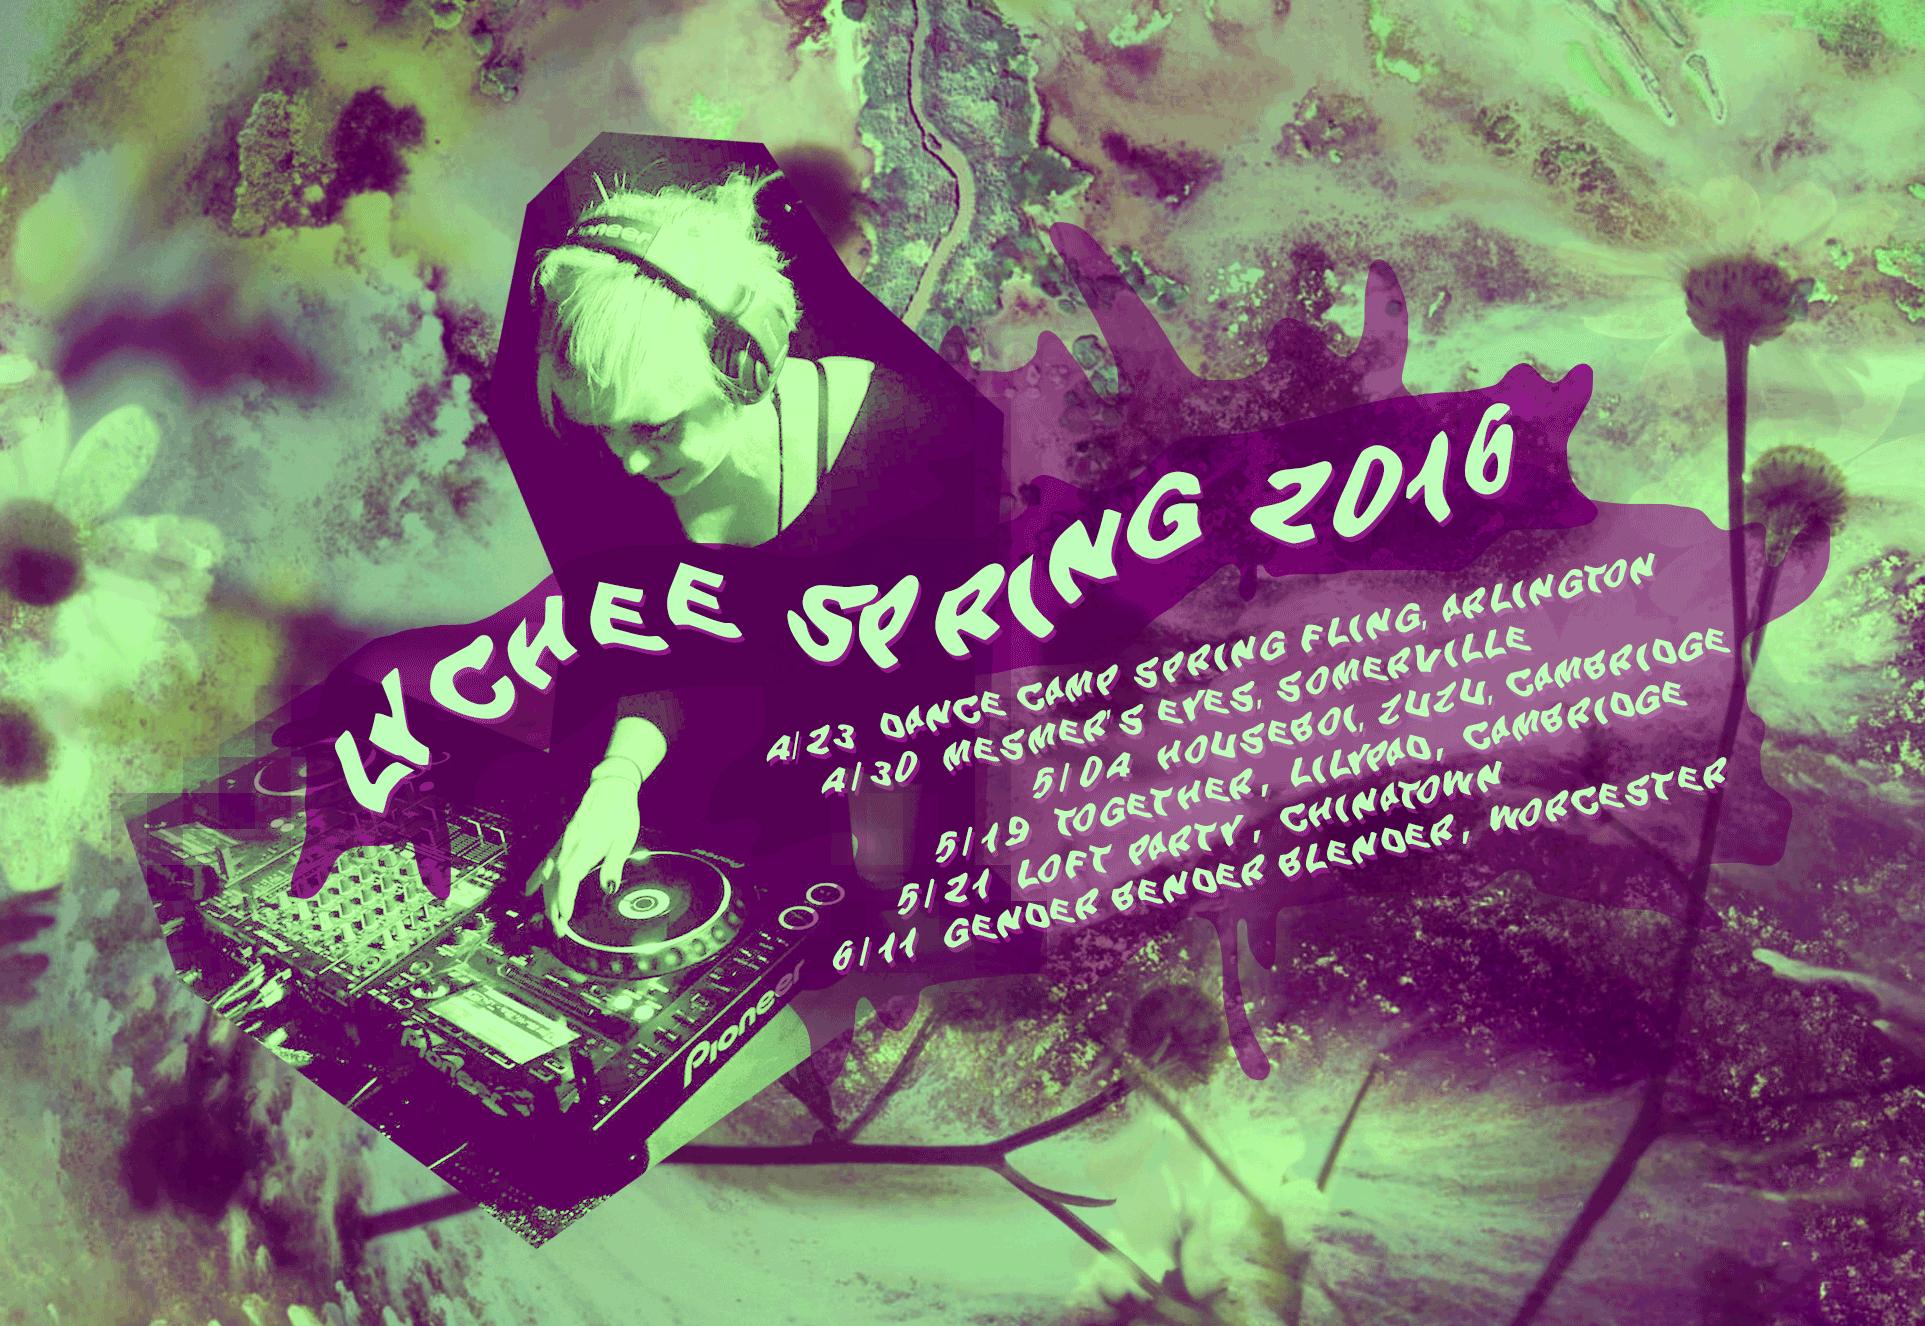 Spring 2016 DJ Schedule